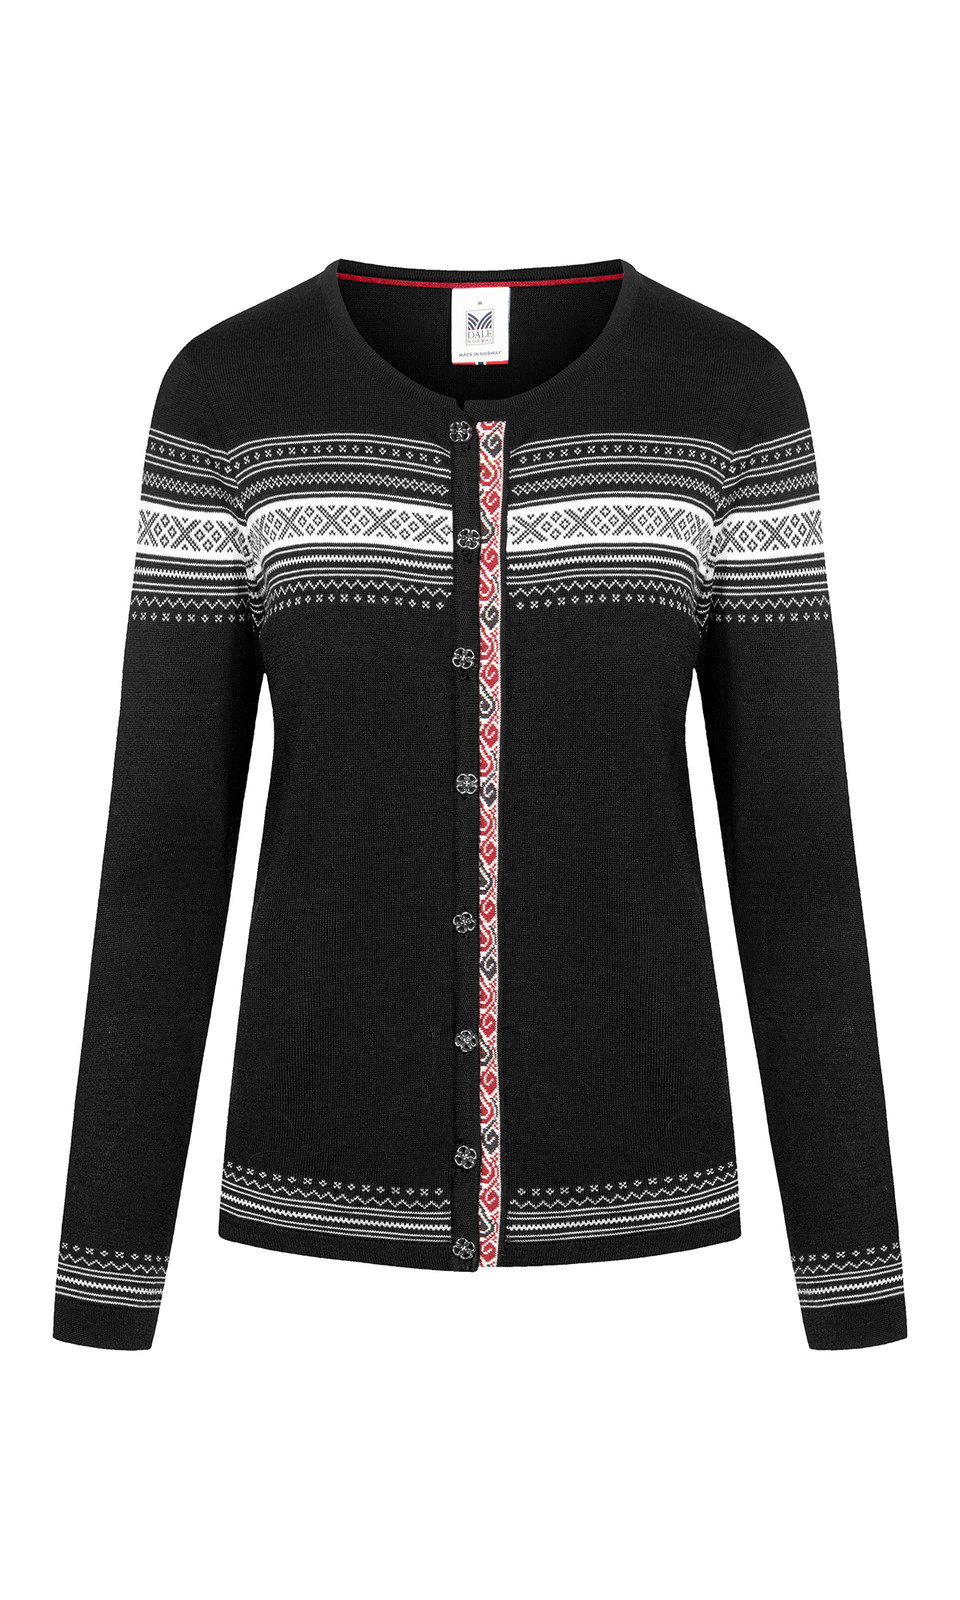 Dale of Norway Hedvig Cardigan, Ladies - Black/Off White/Ruby Melange, 83741-F (83741-F)